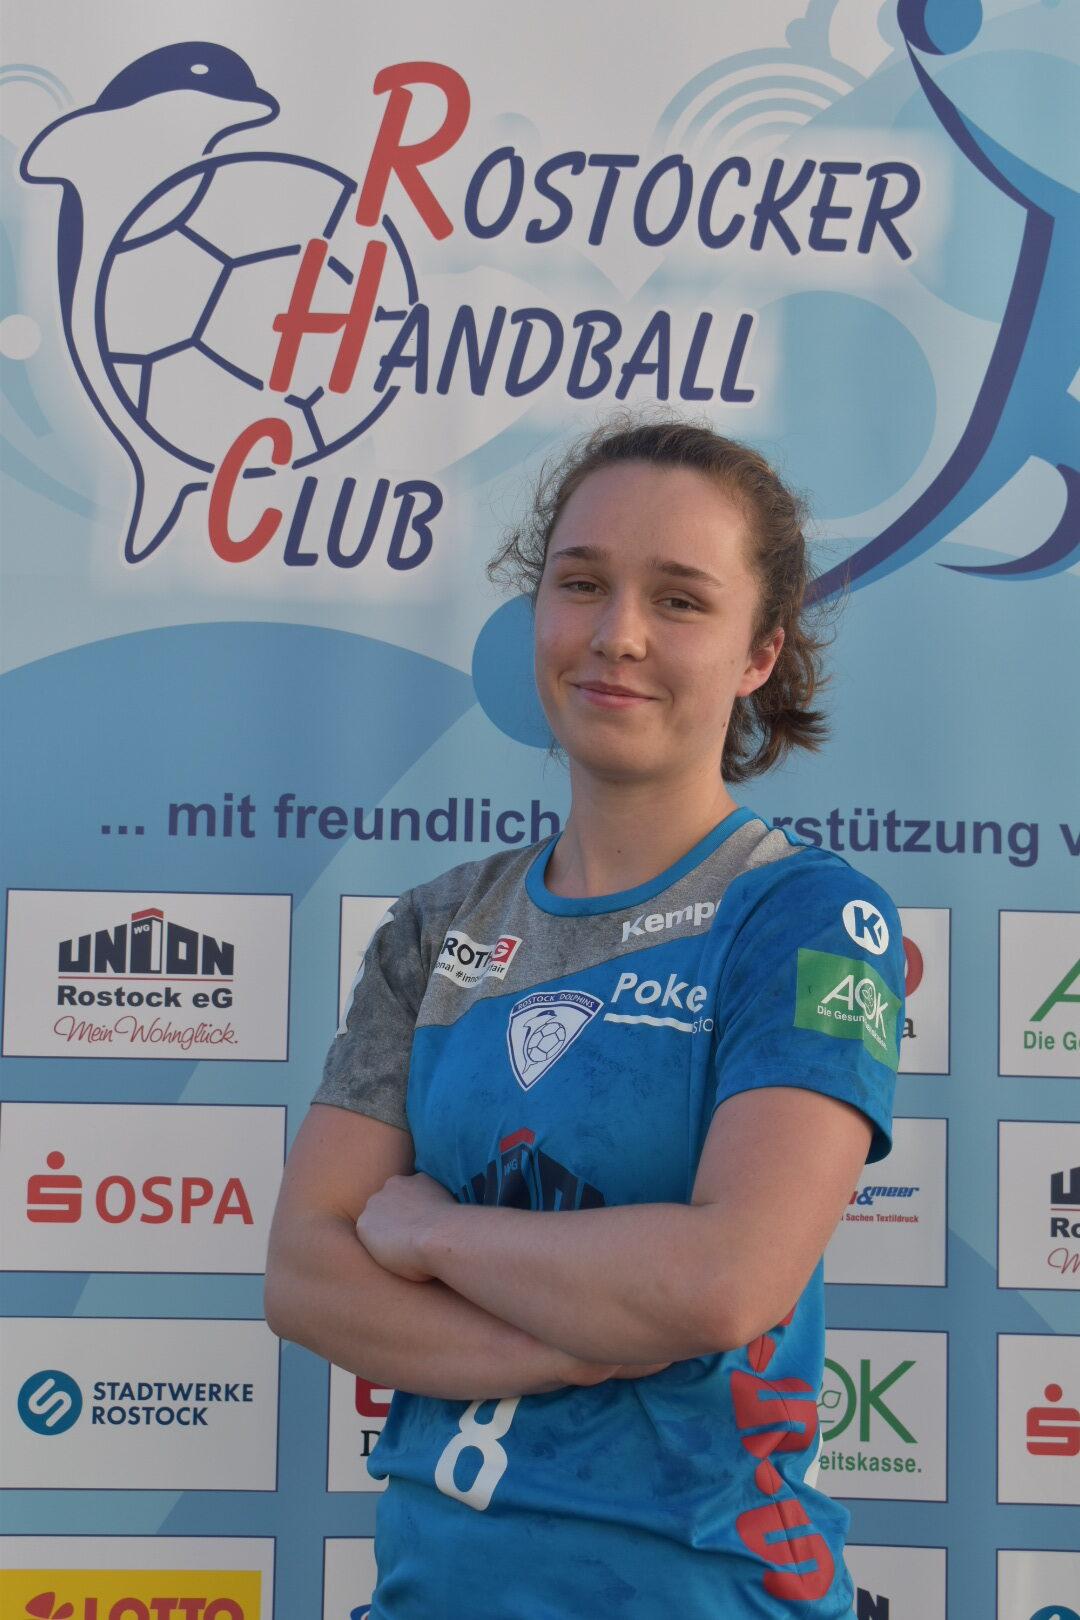 Janne Petereit